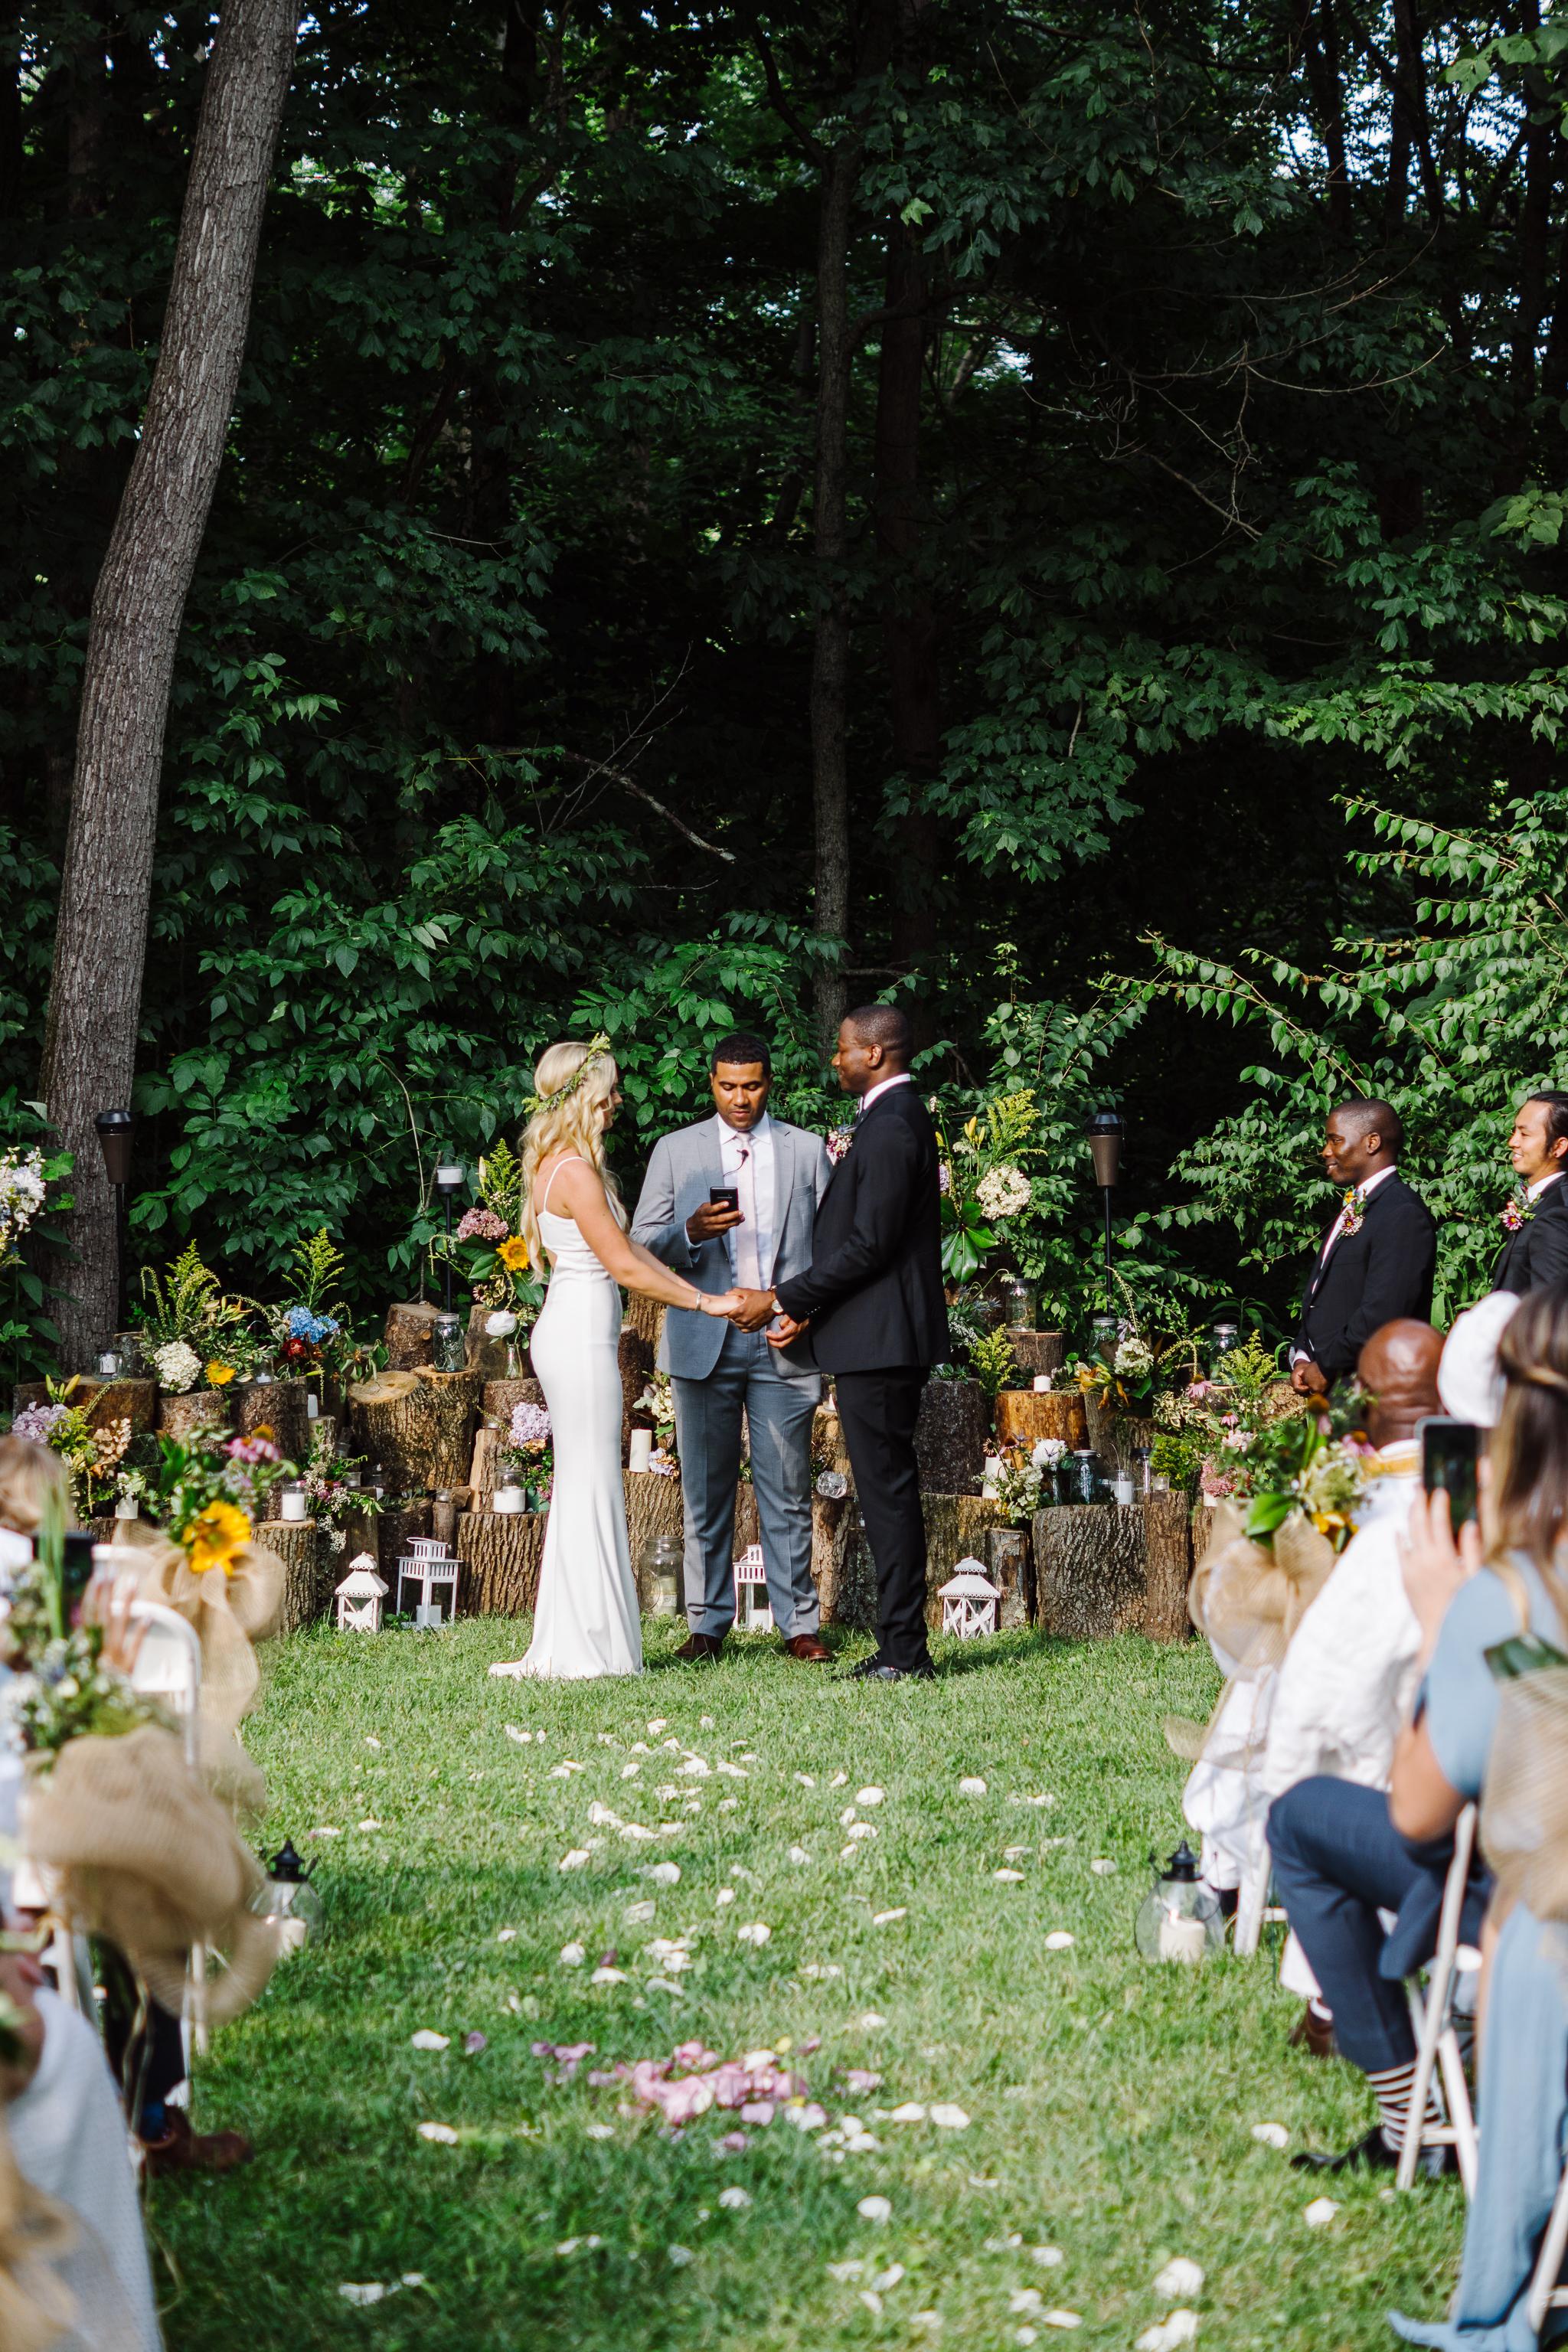 Married in Backyard Wedding